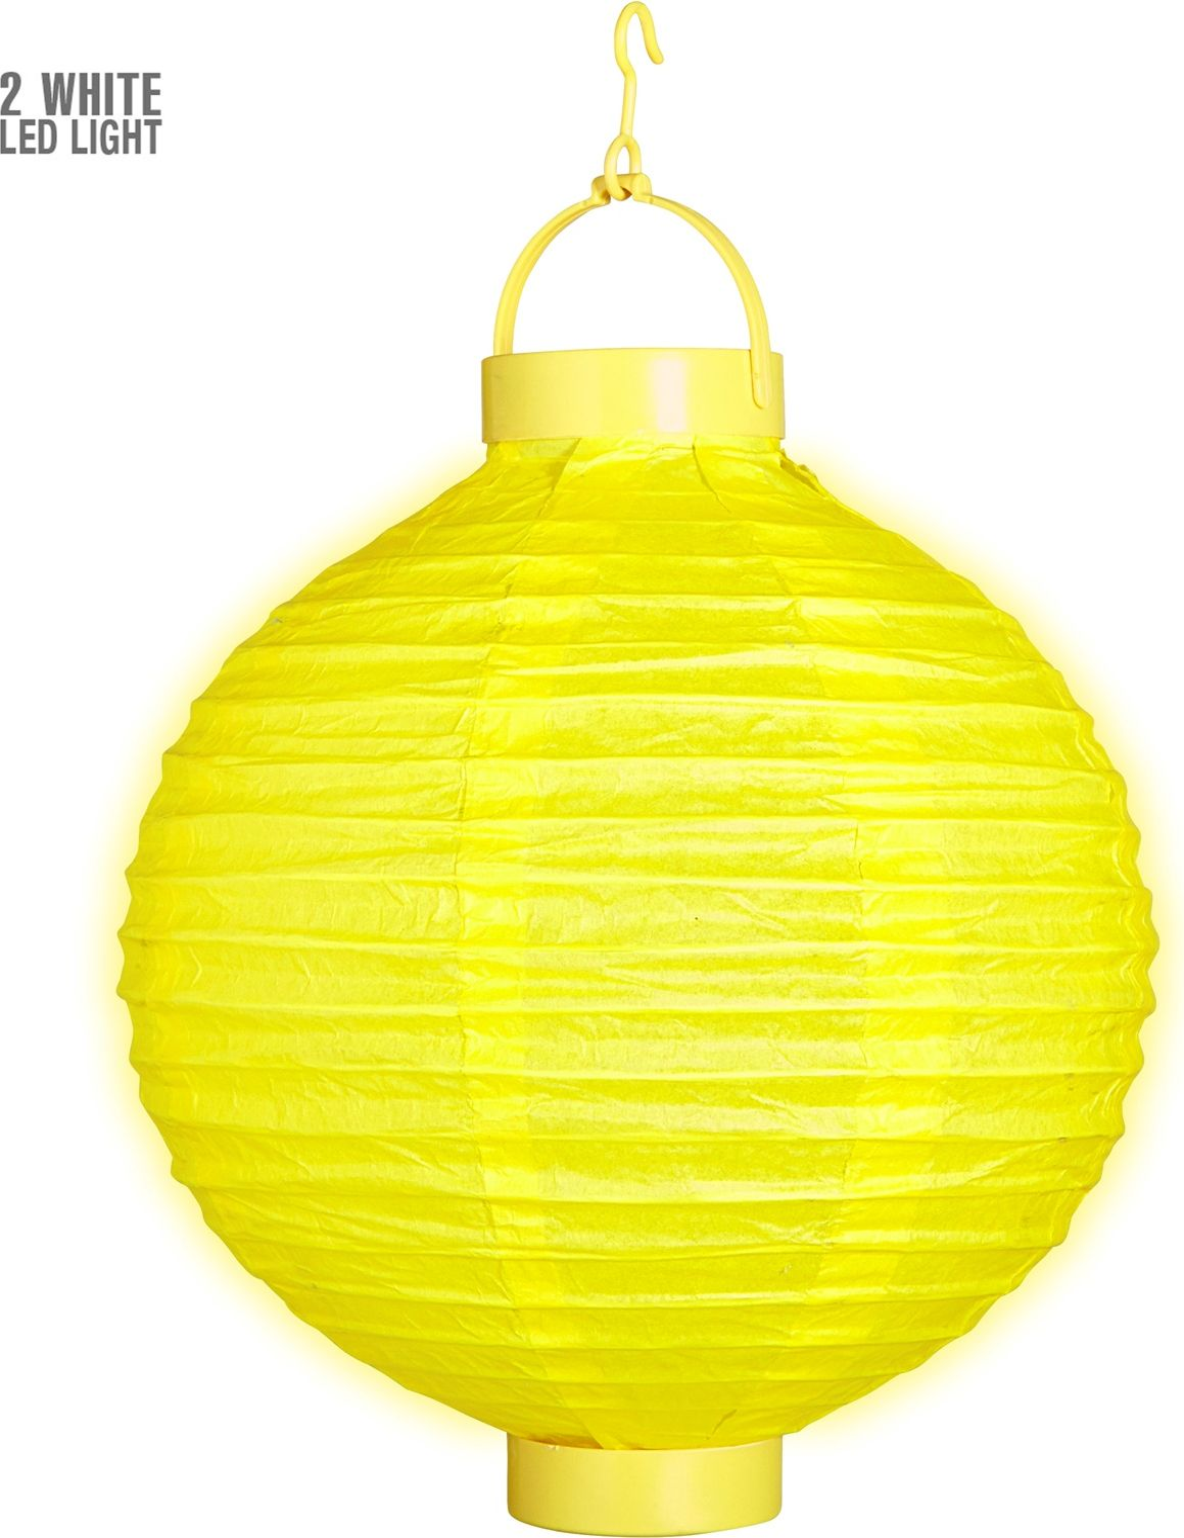 Gele lampion met 2 witte LED lichten